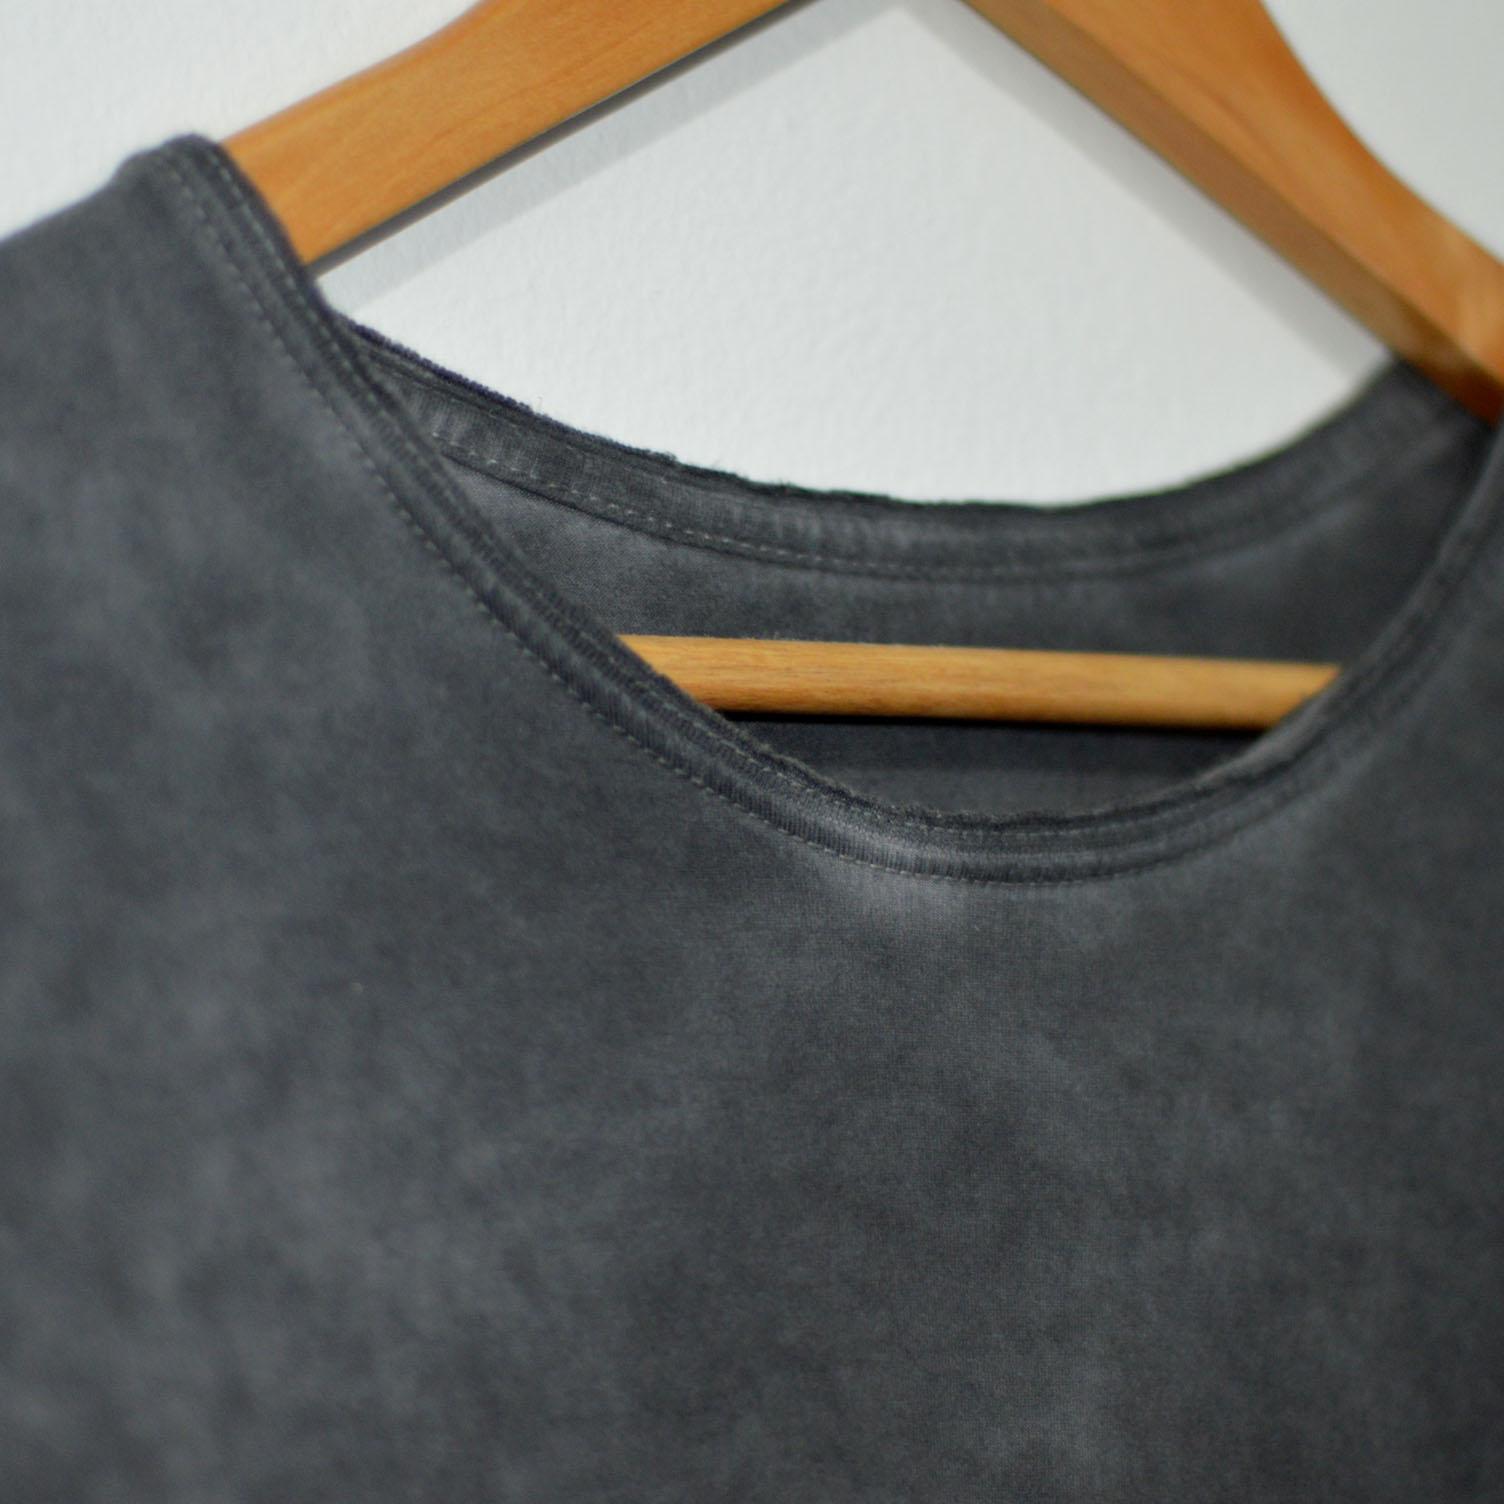 Fabrica camisetas estonadas